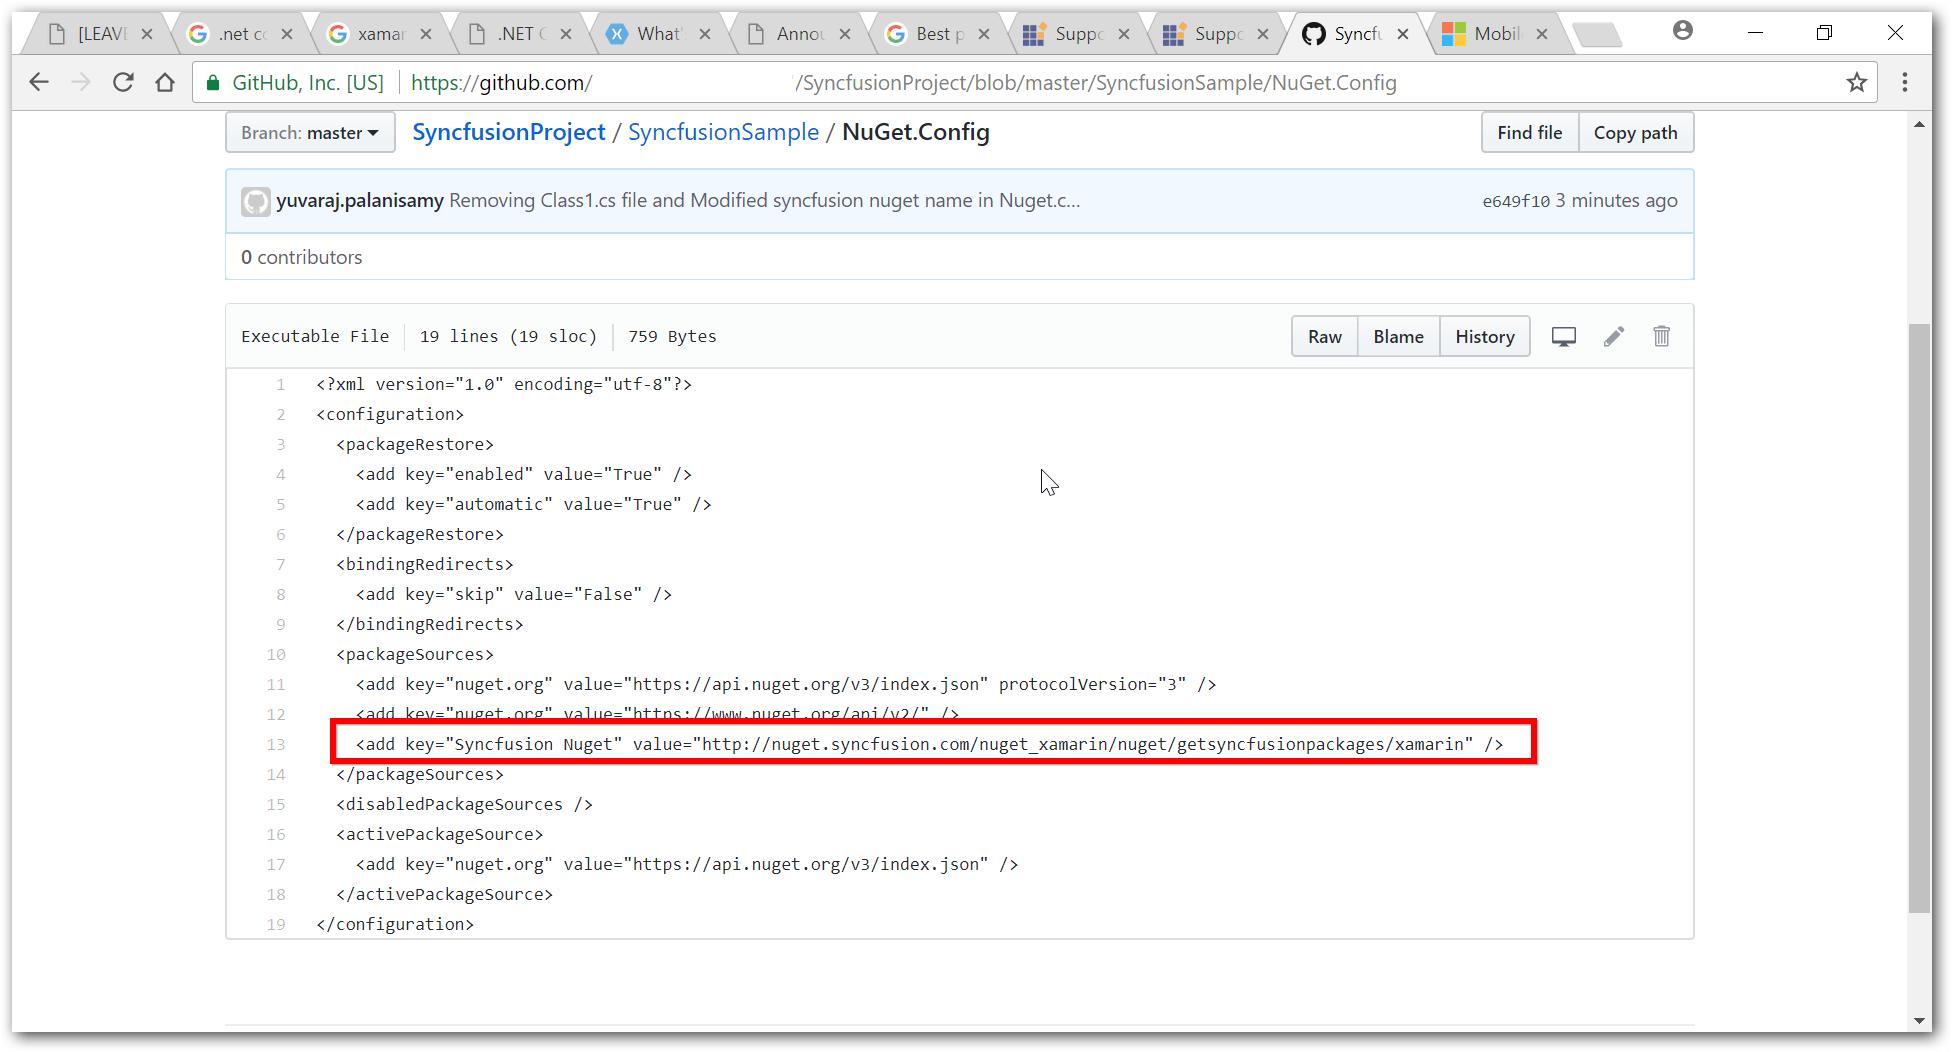 C:\Users\saravanapandian.muru\AppData\Local\Microsoft\Windows\INetCache\Content.Word\sshot-13.png